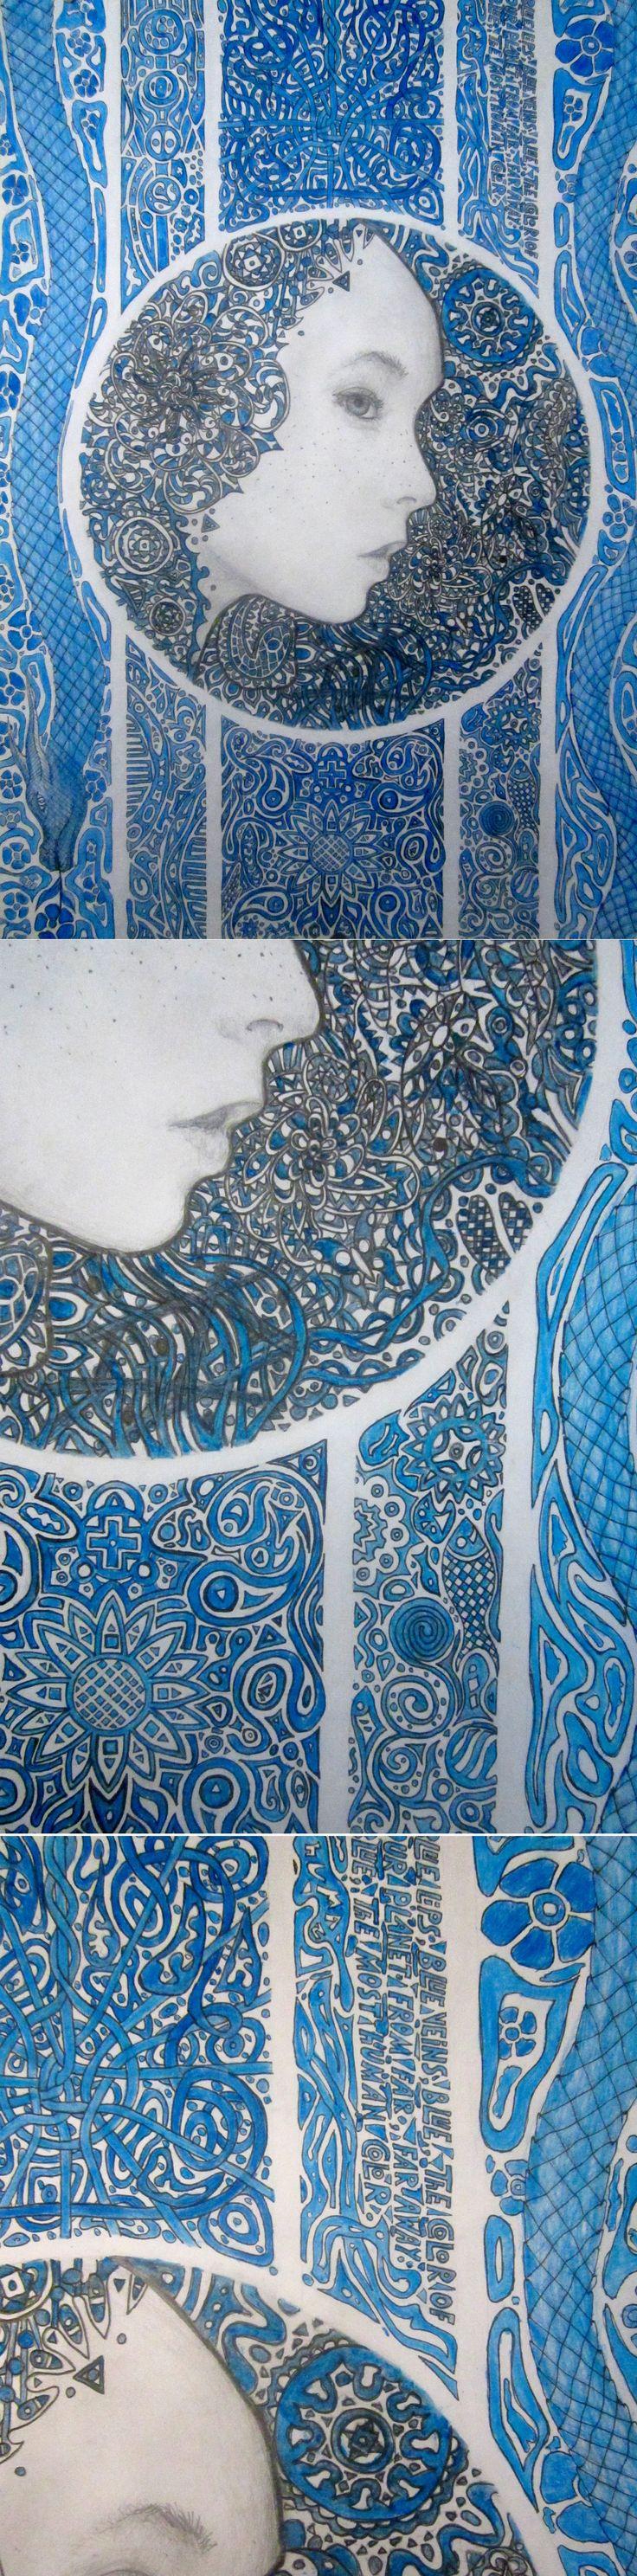 Blue lips,blue veins.